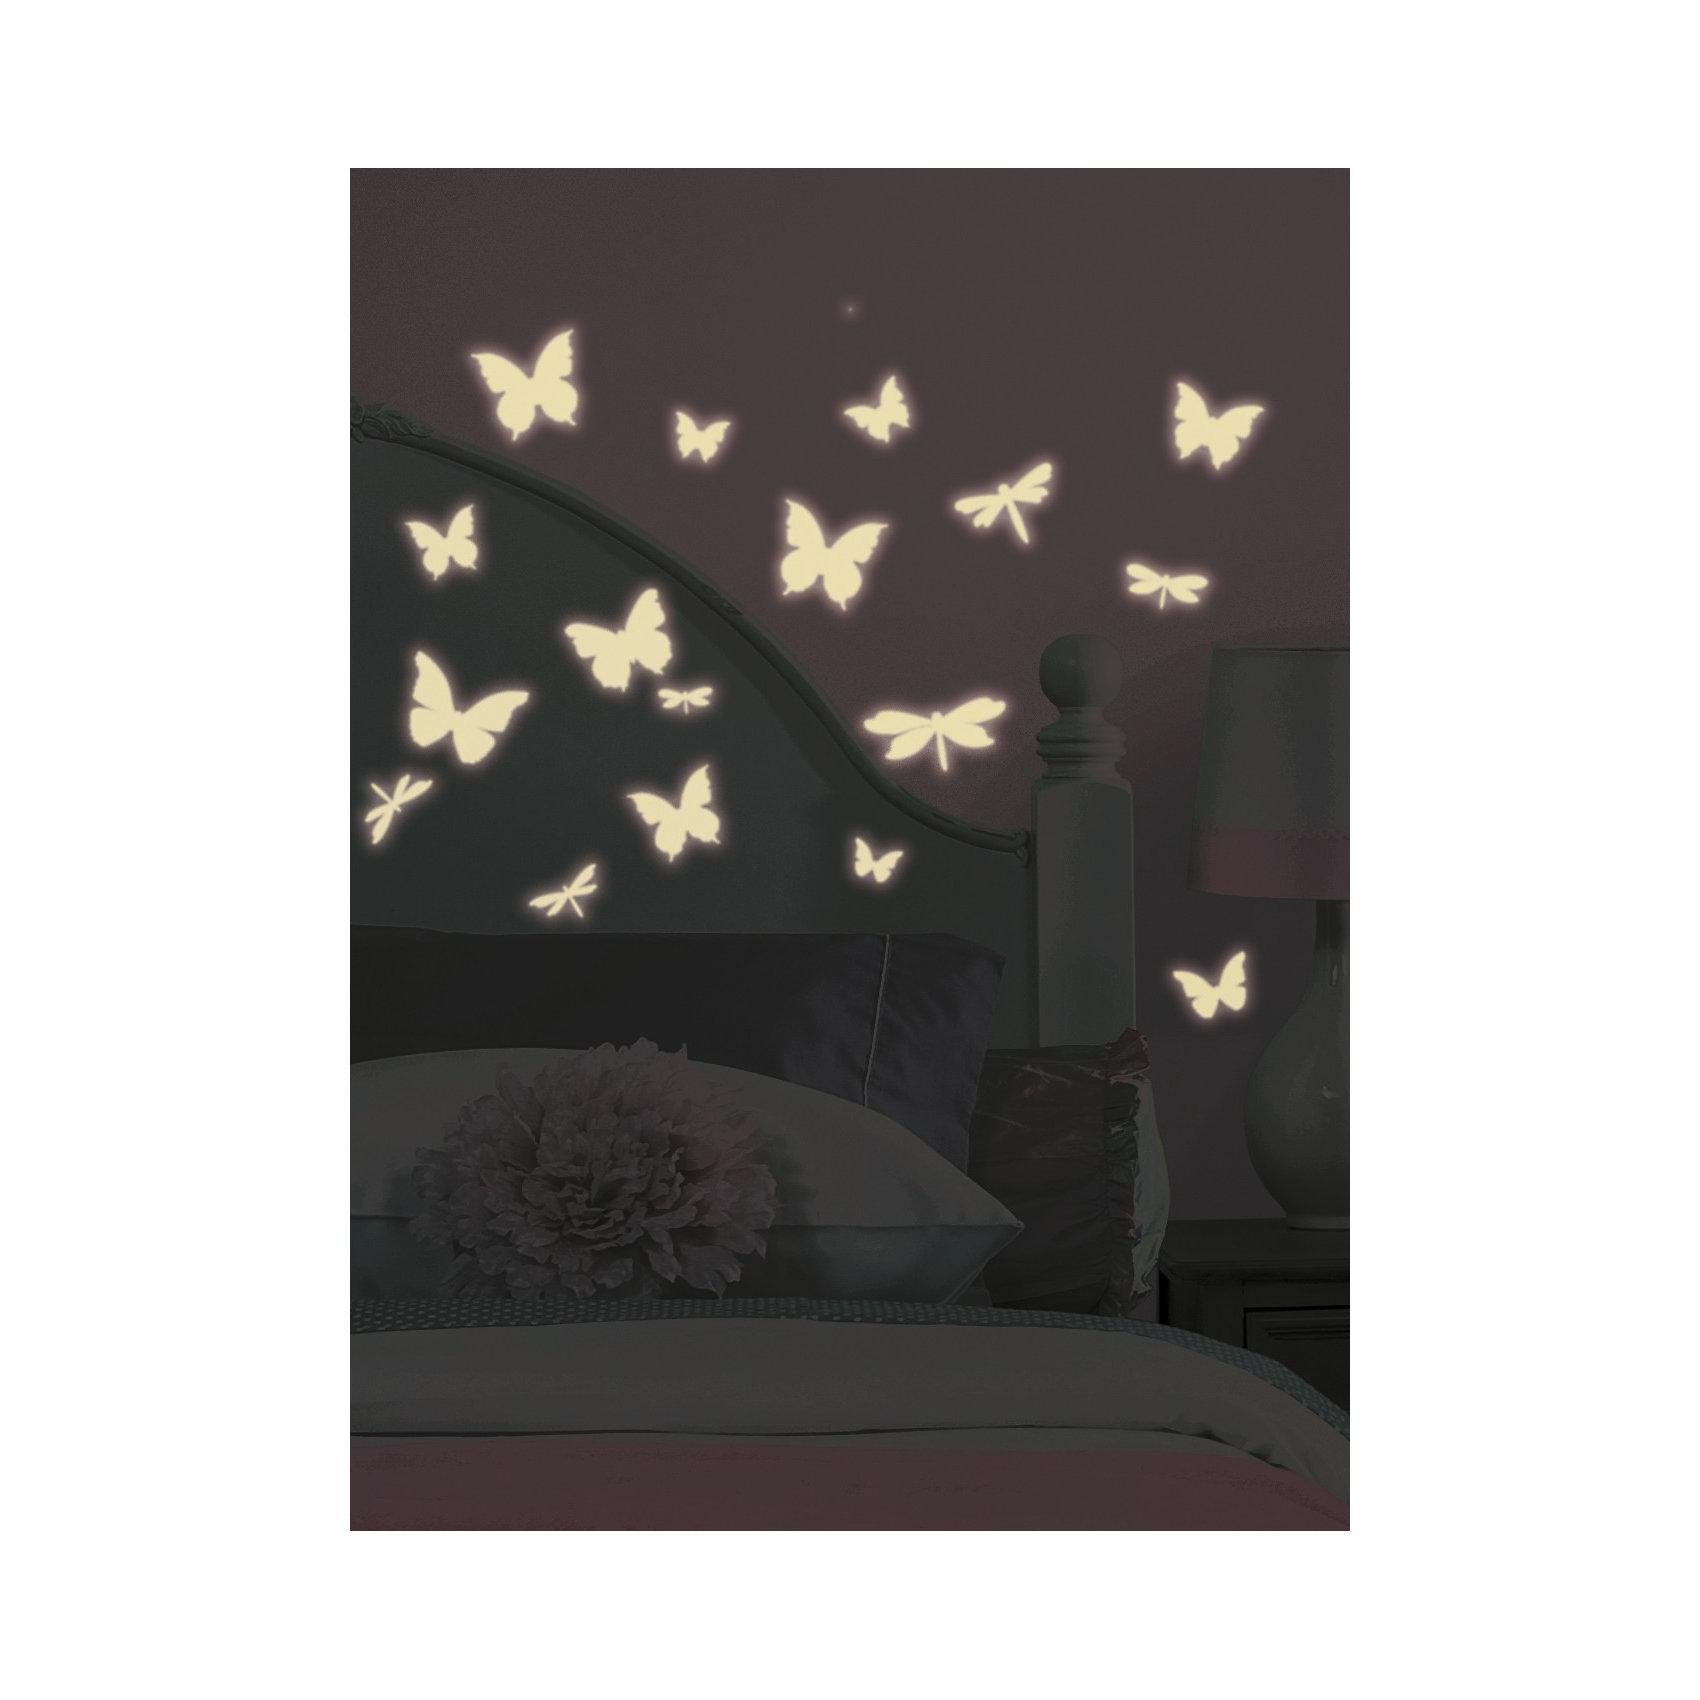 RoomMates Наклейки для декора Бабочки и стрекозы (светятся в темноте) наклейки интерьерные roommates наклейки для декора зебра полоски розовые